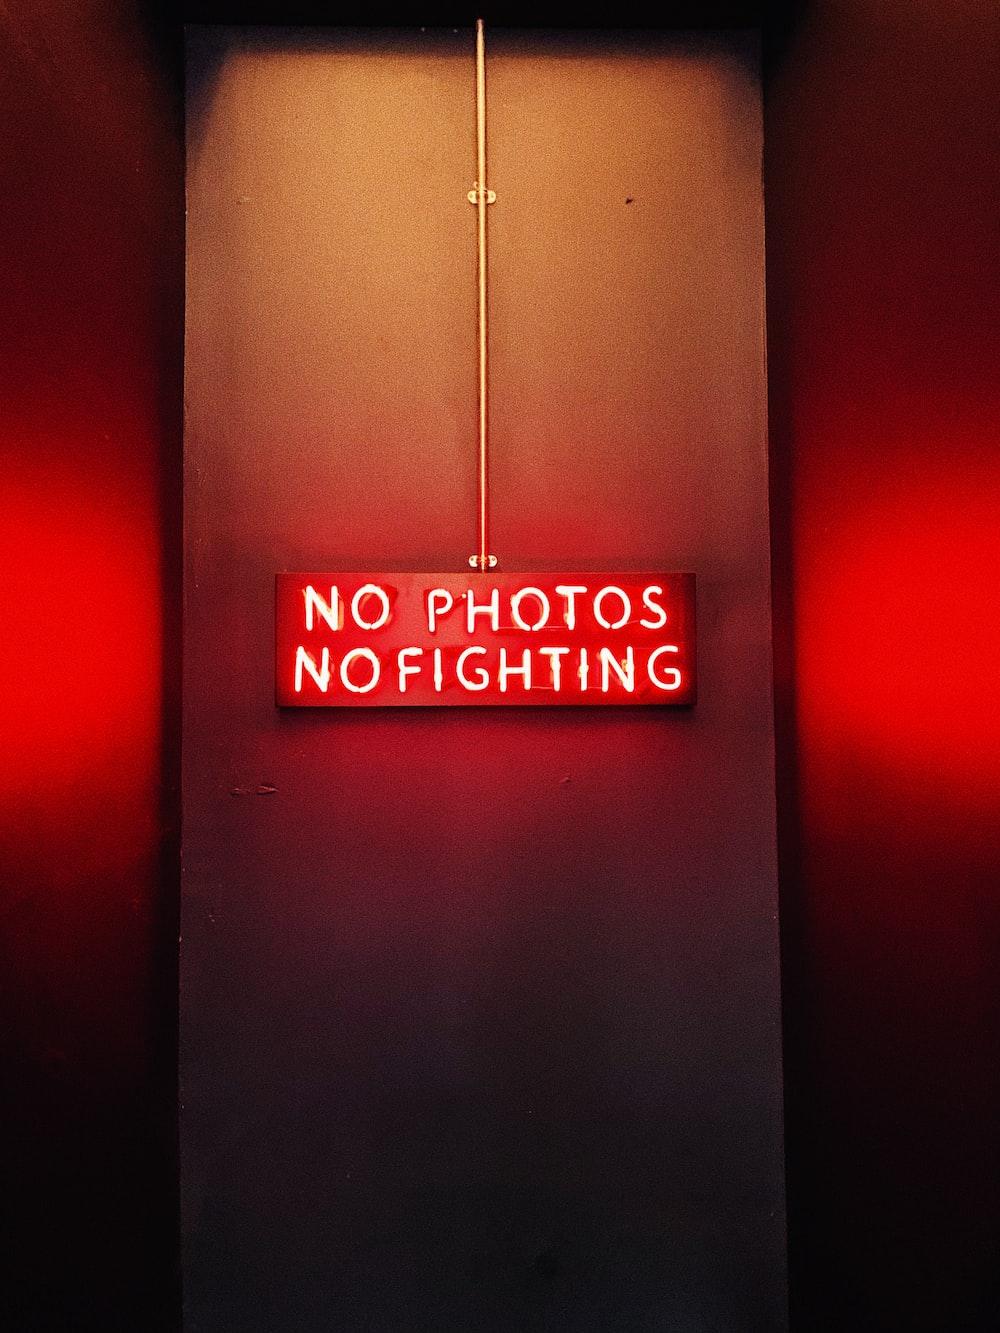 no photos no fighting signage